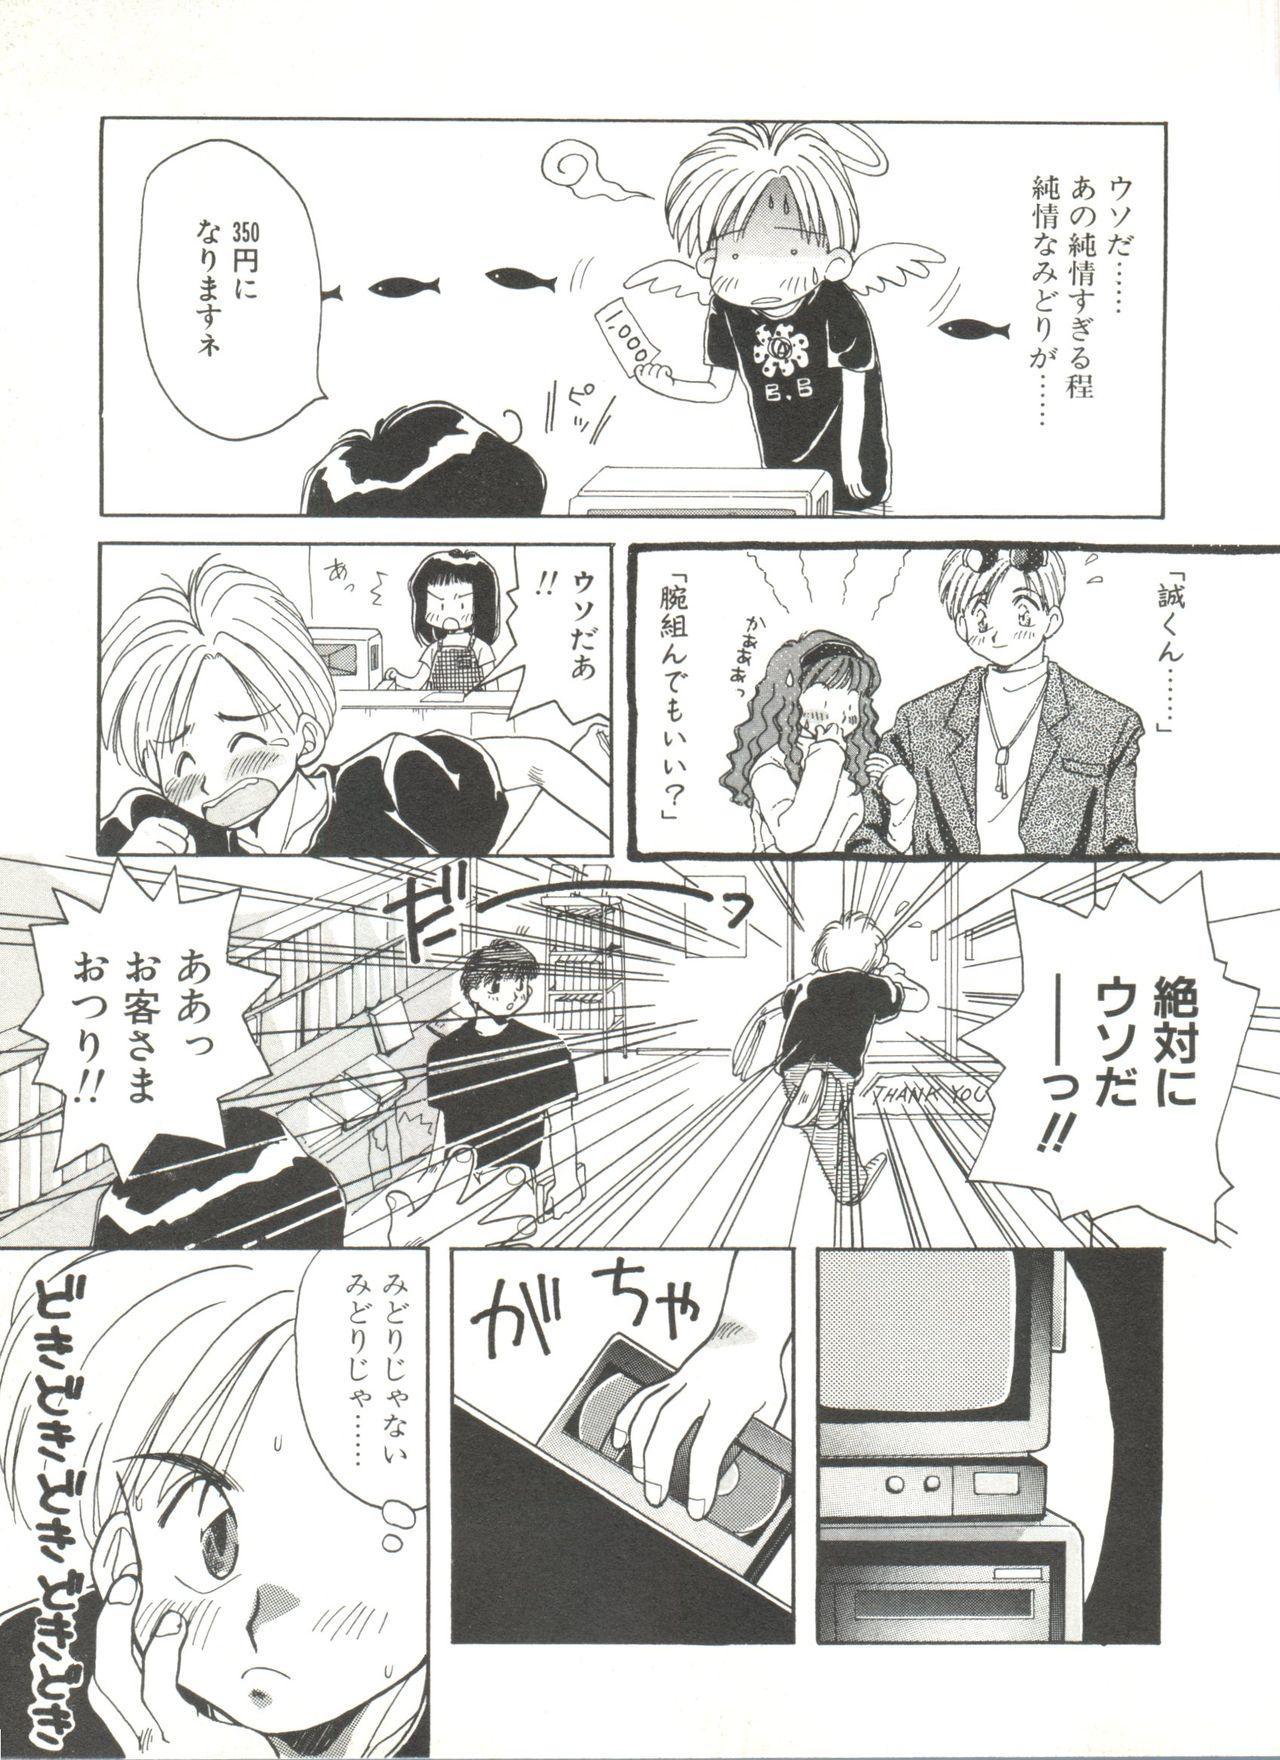 Bishoujo Doujinshi Anthology 6 86